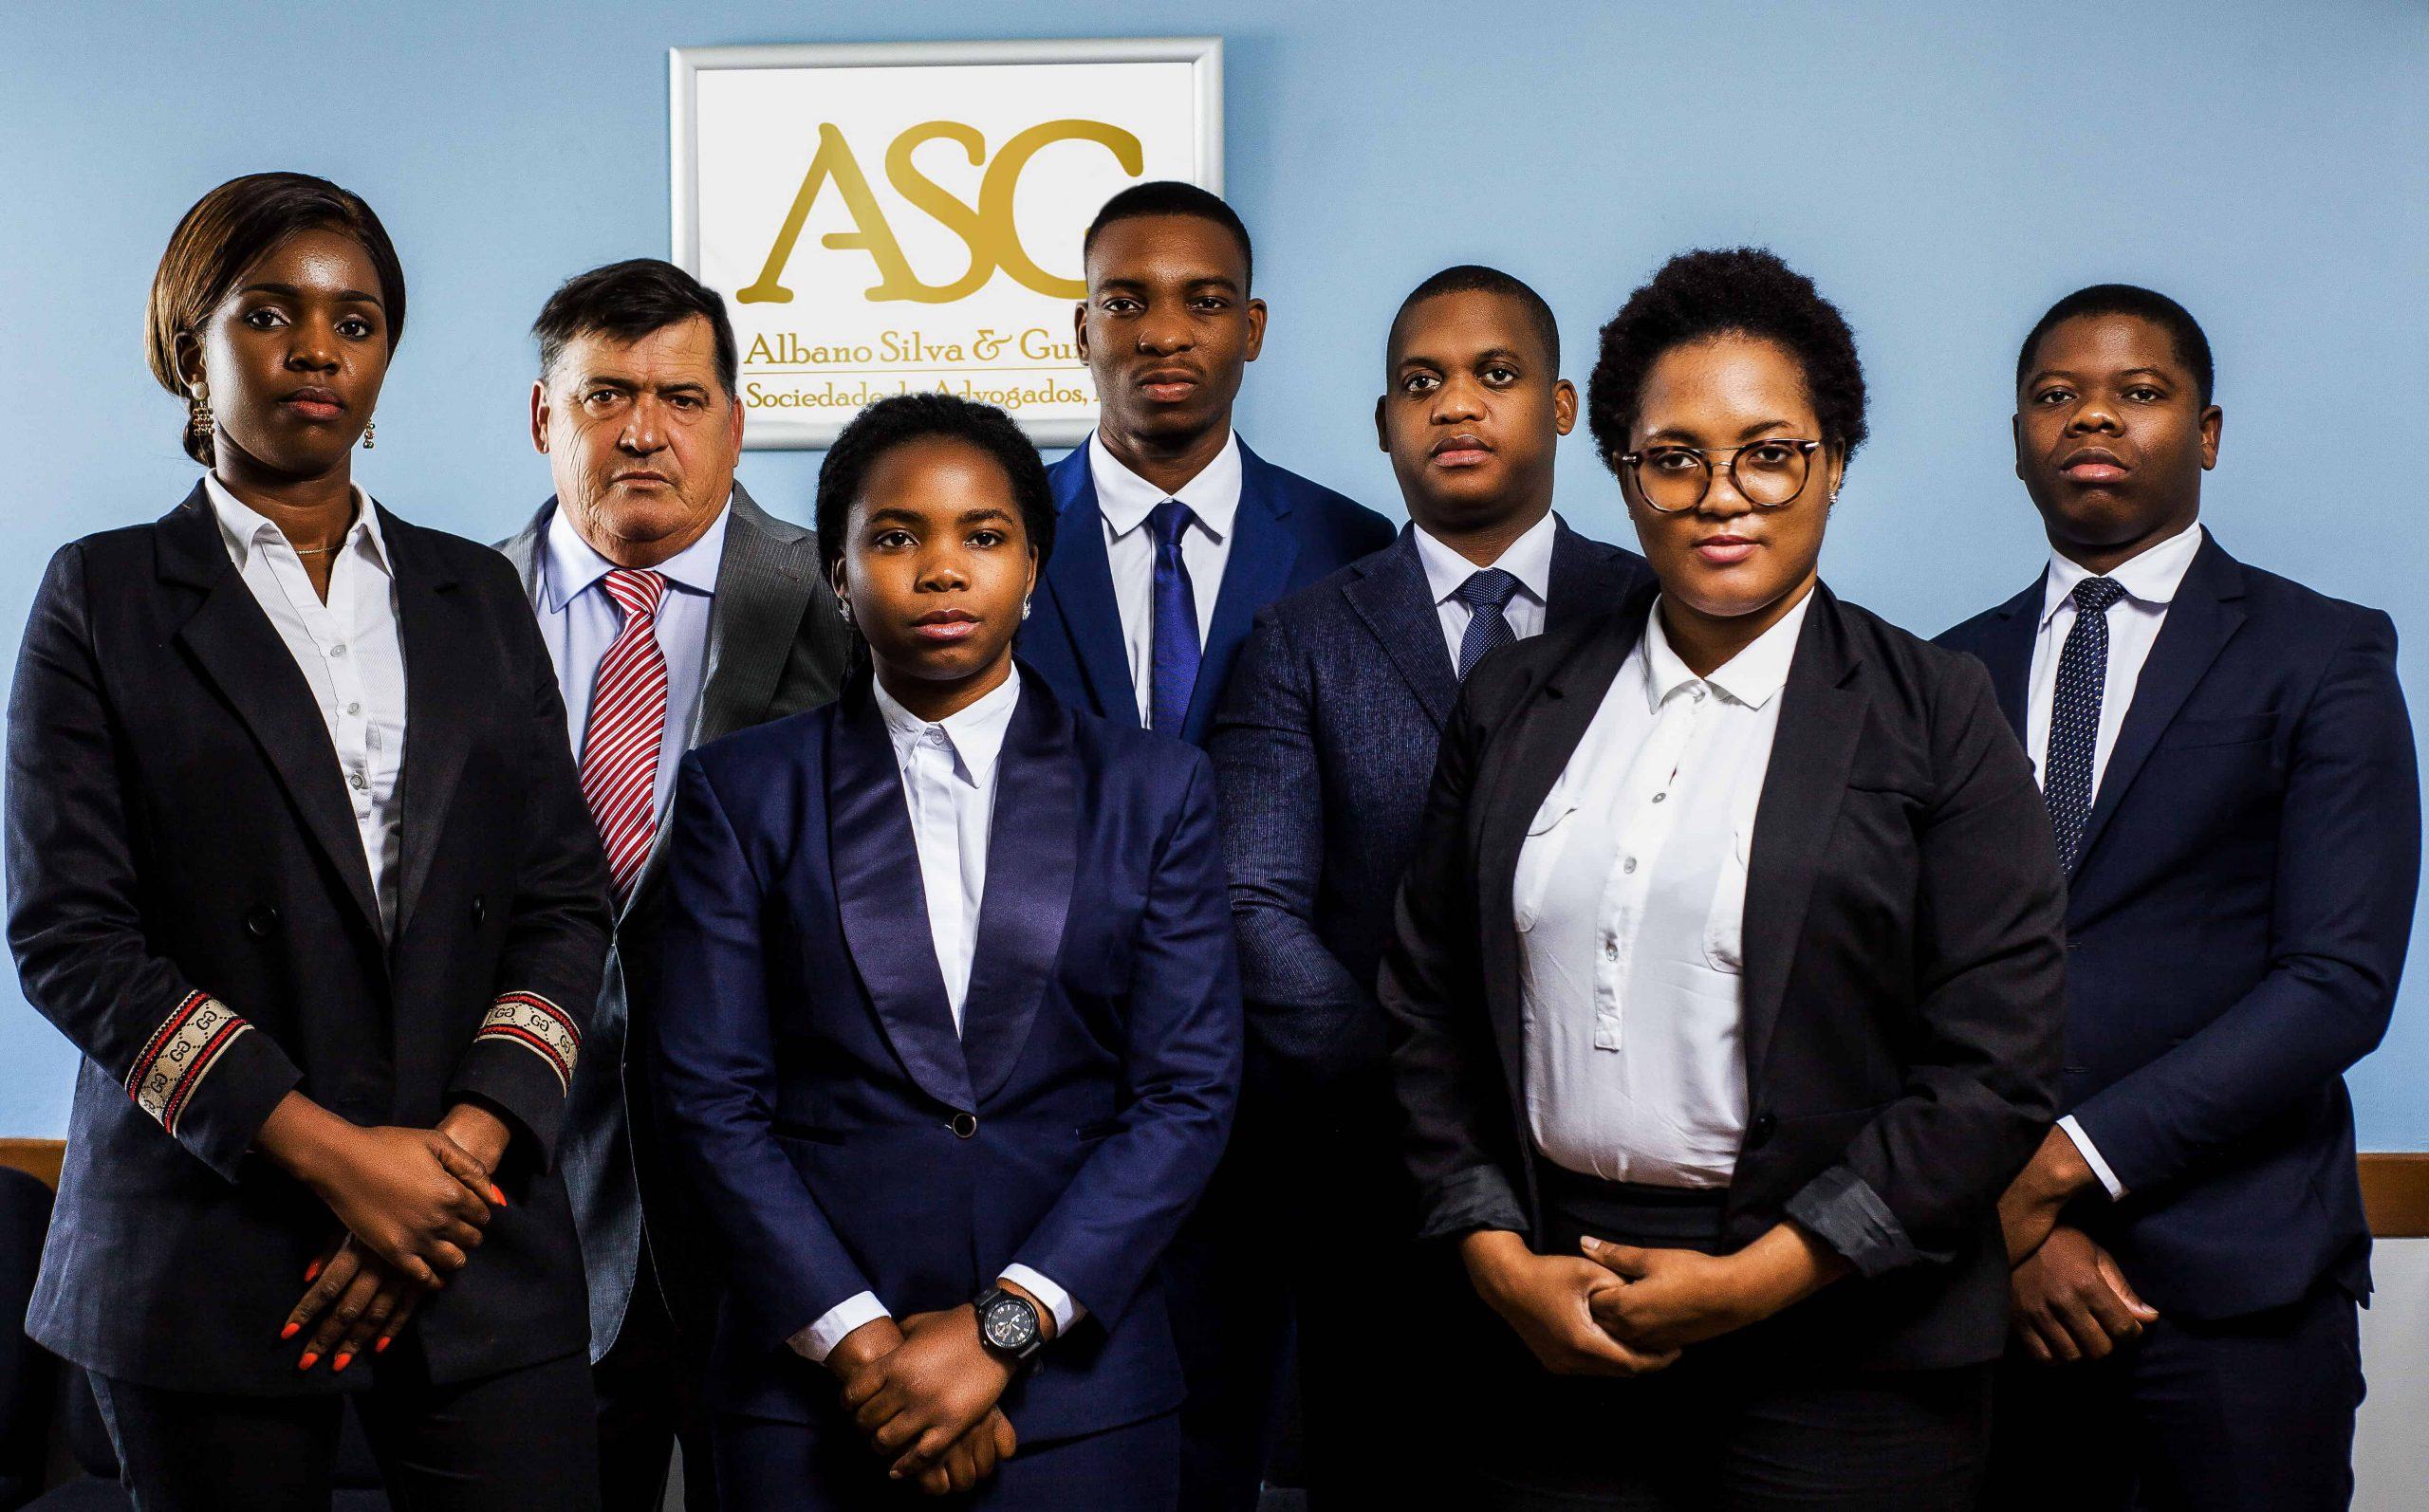 ASG sociedade de advogados Equipa